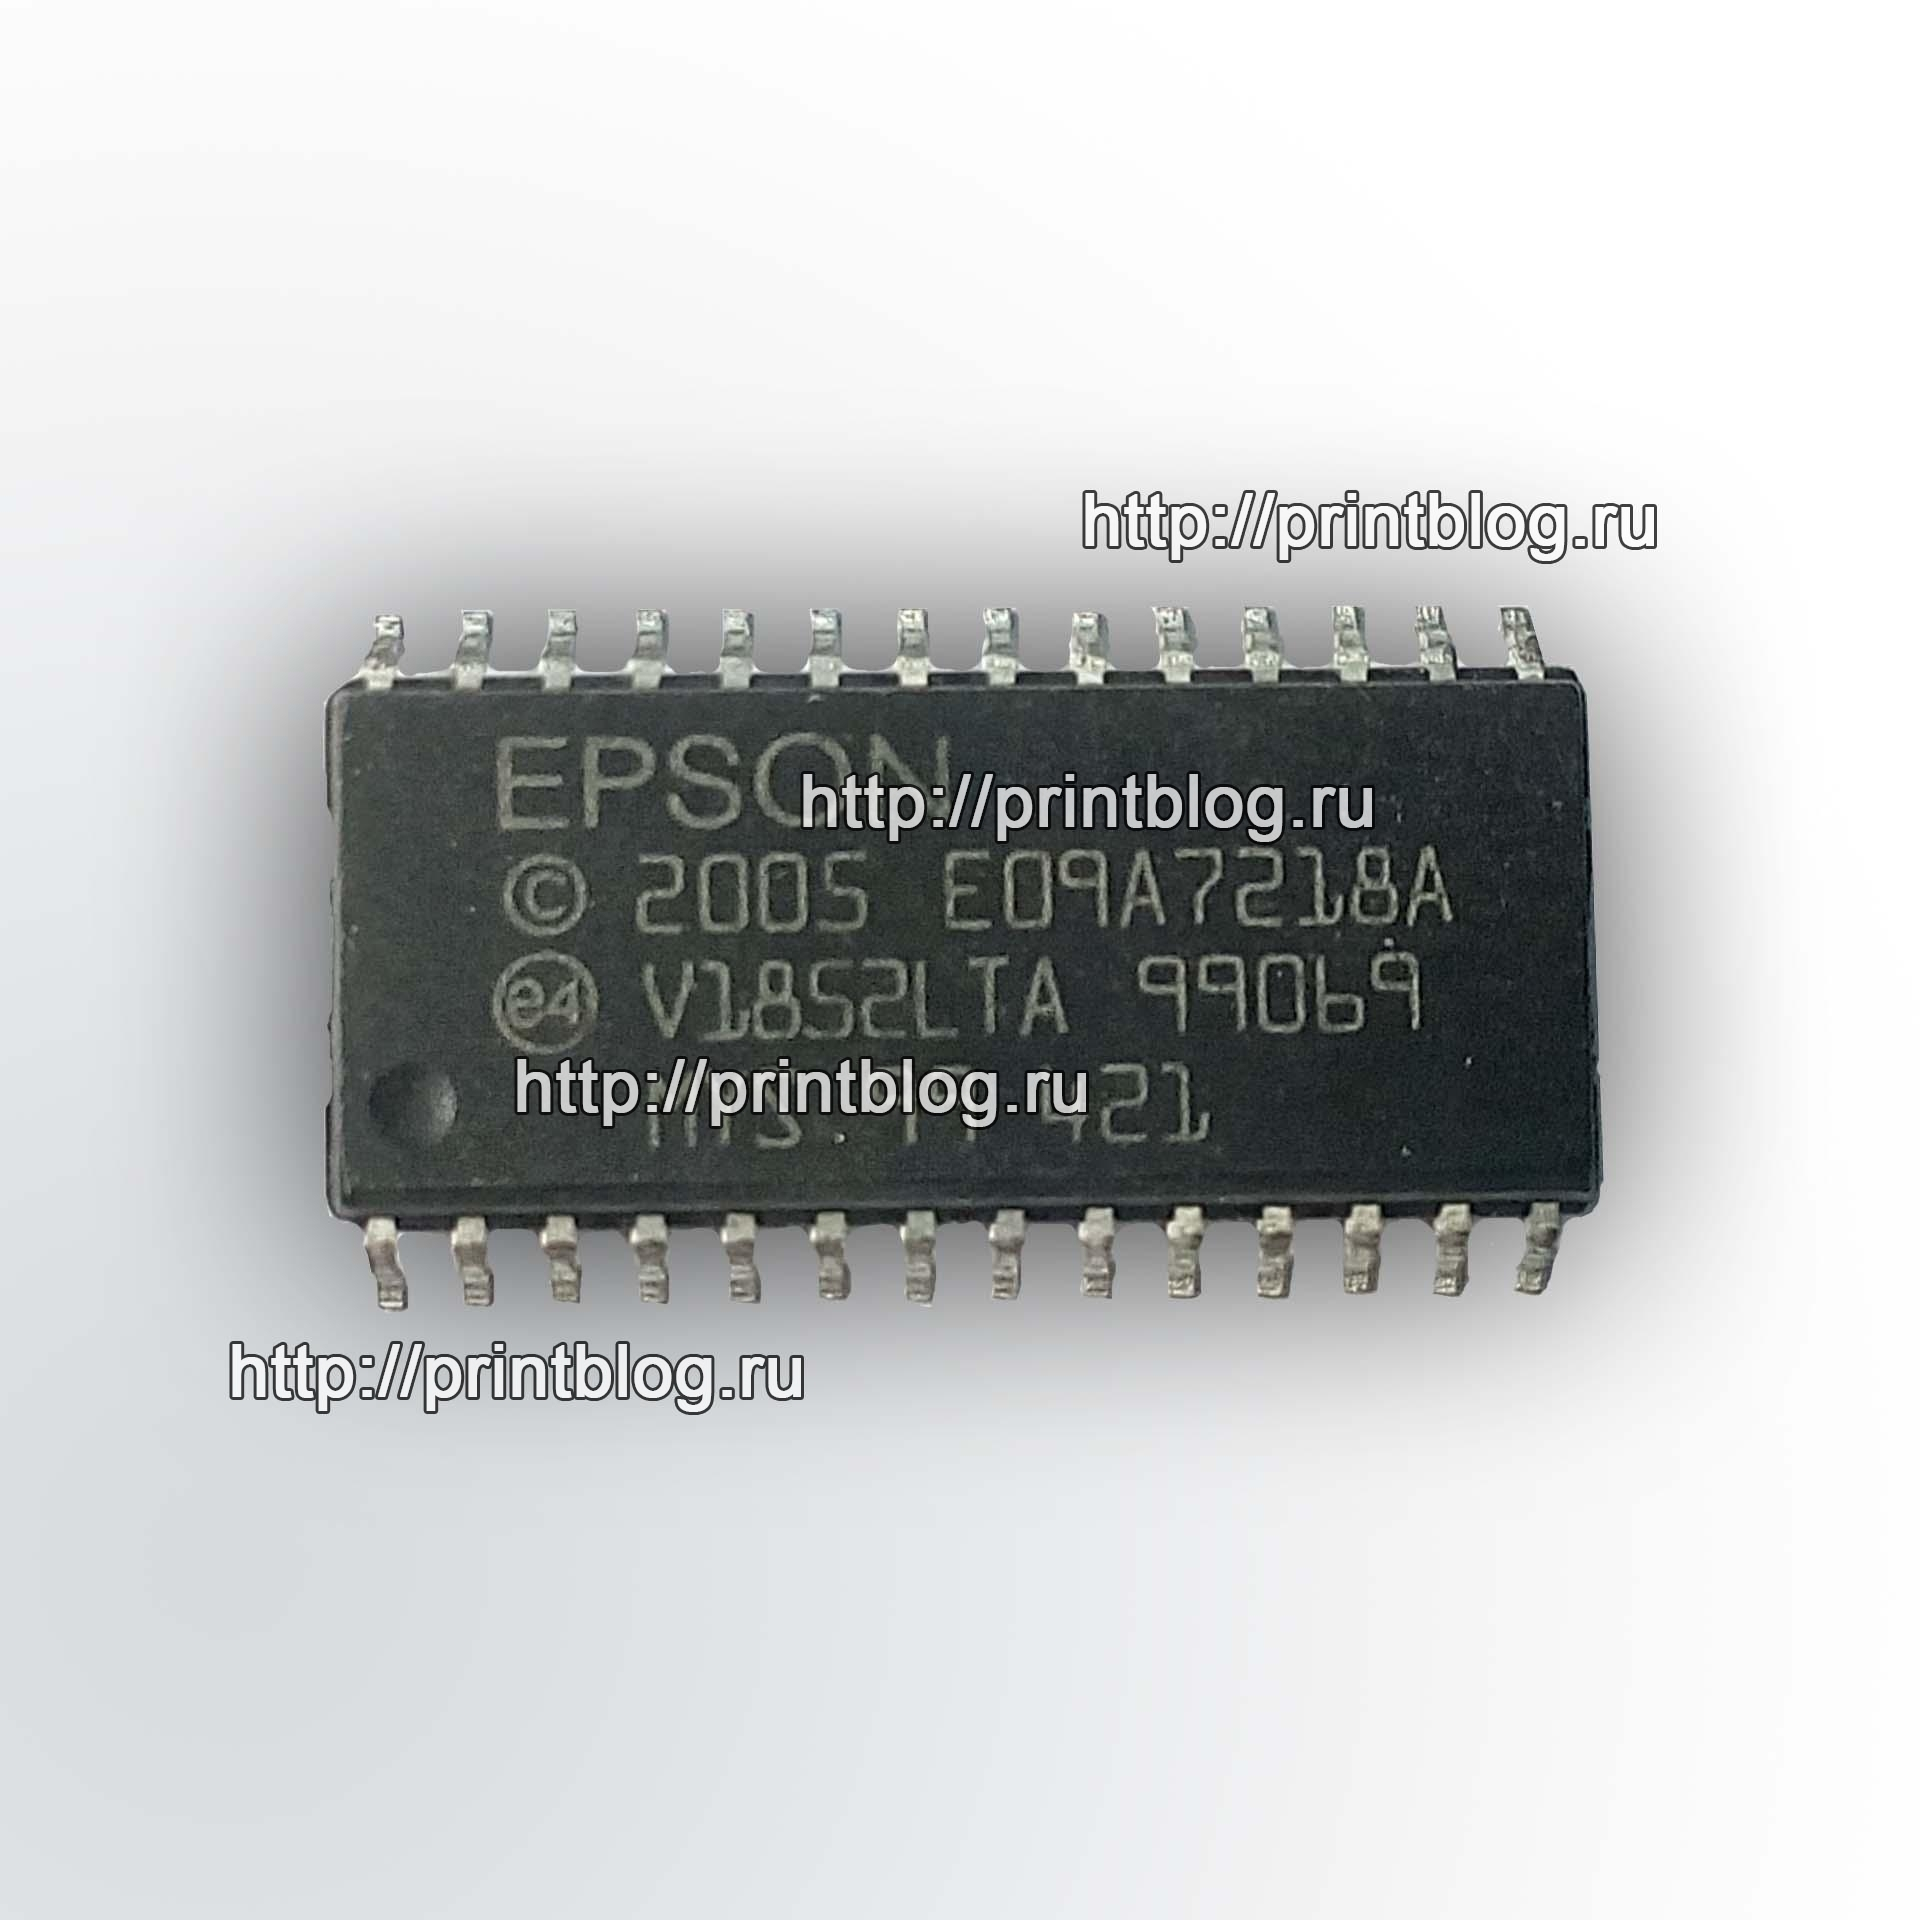 Скачать драйвер на принтер epson r290